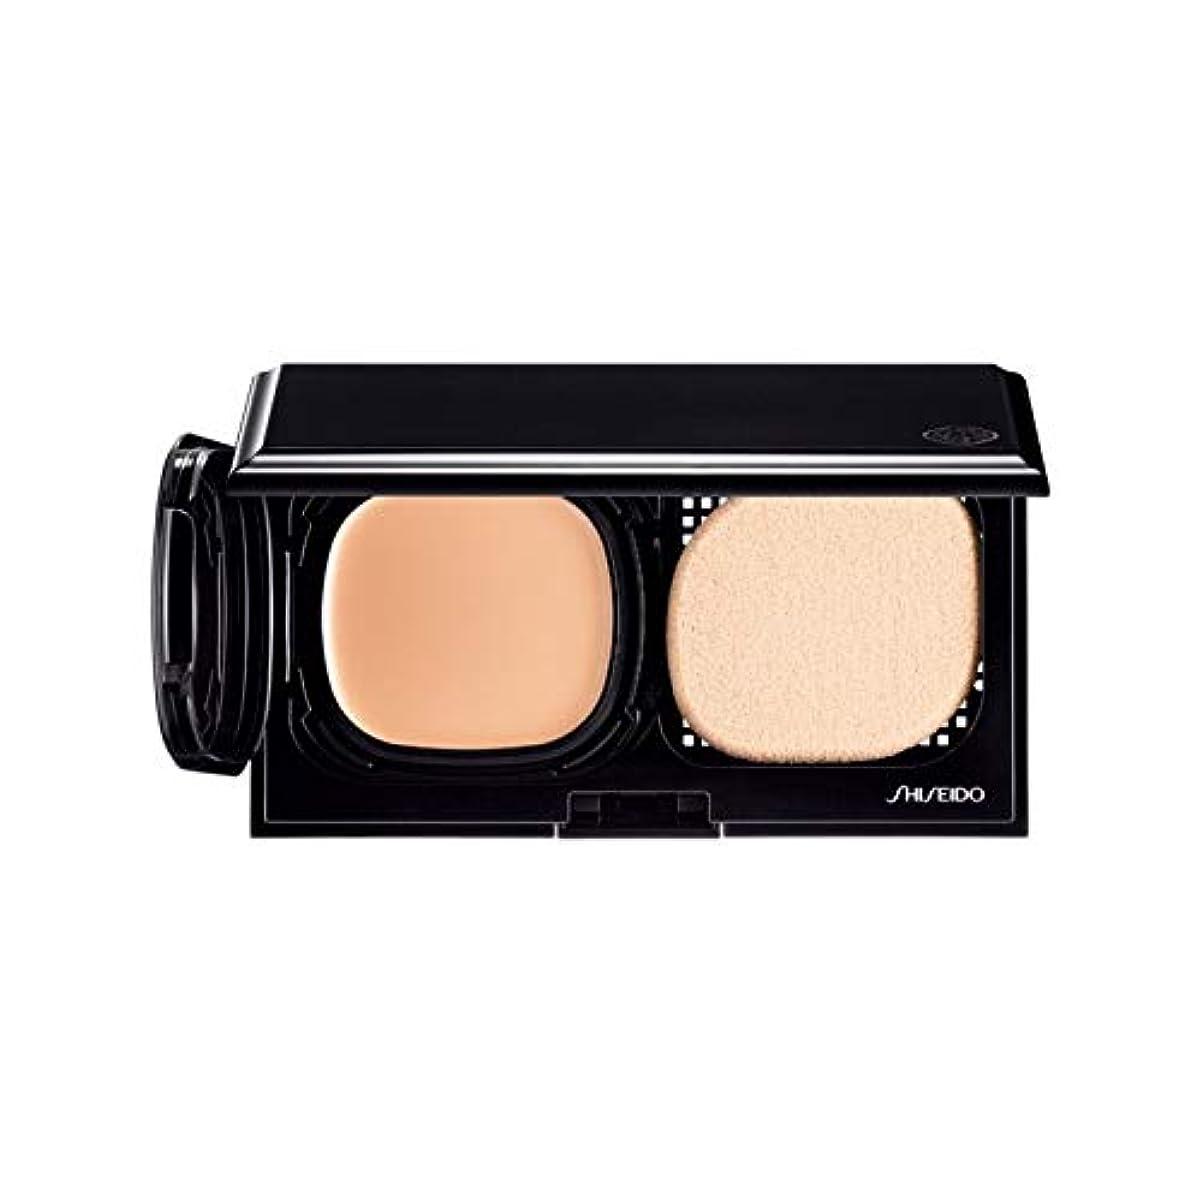 スリーブ止まるハード[Shiseido] 自然光ベージュ - 資生堂ハイドロ液体コンパクトB20を前進しました - Shiseido Advanced Hydro Liquid Compact B20 - Natural Light Beige...